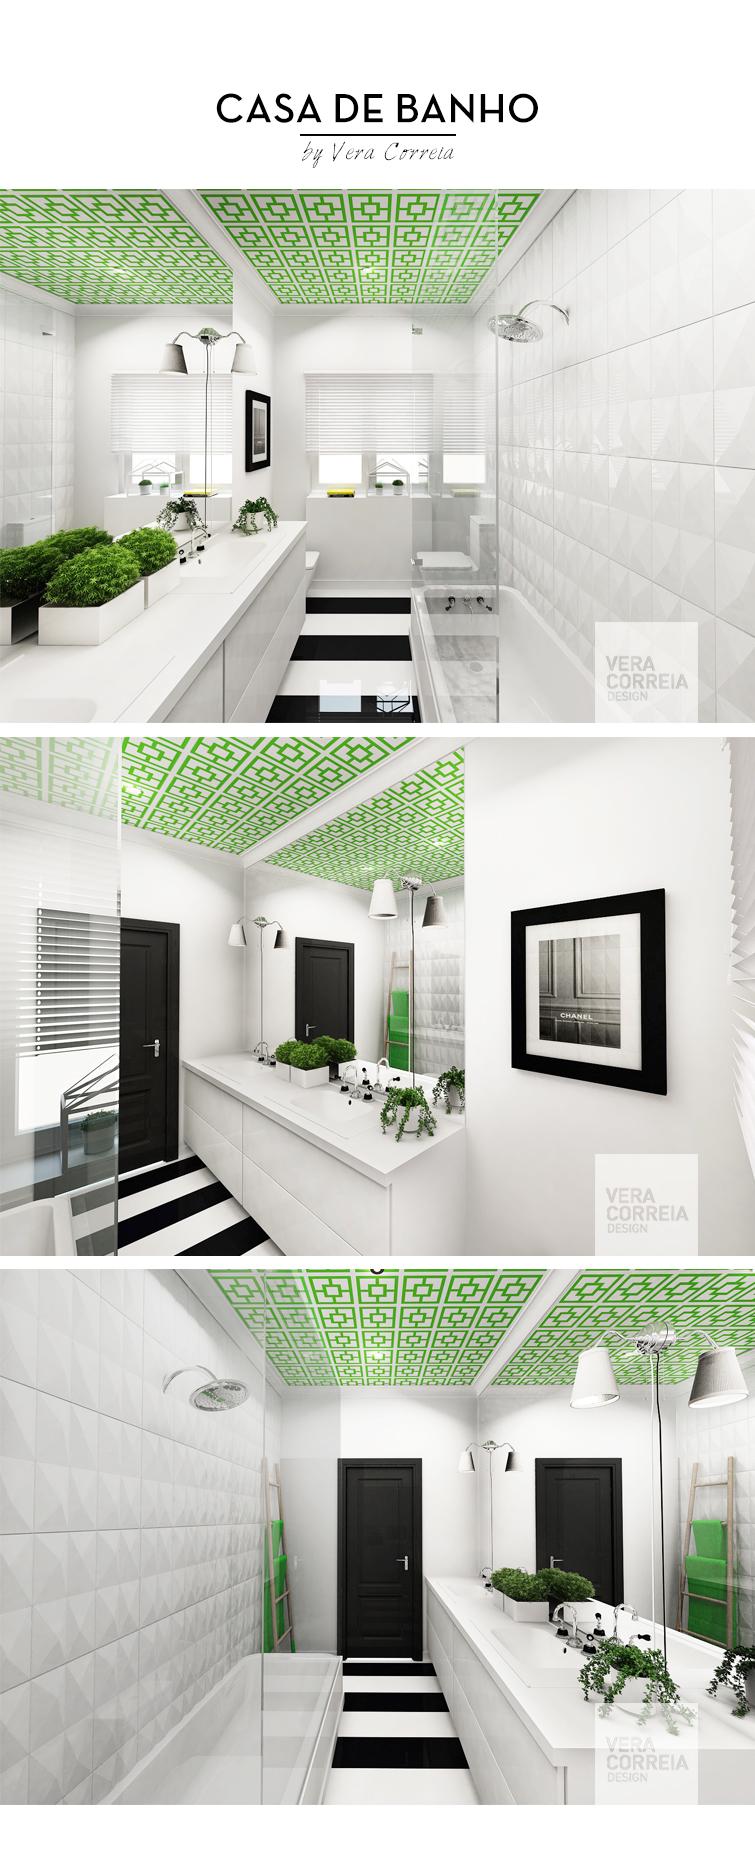 decoracao interiores wc:facto de ter usado o branco nas paredes e mobiliário e cor e